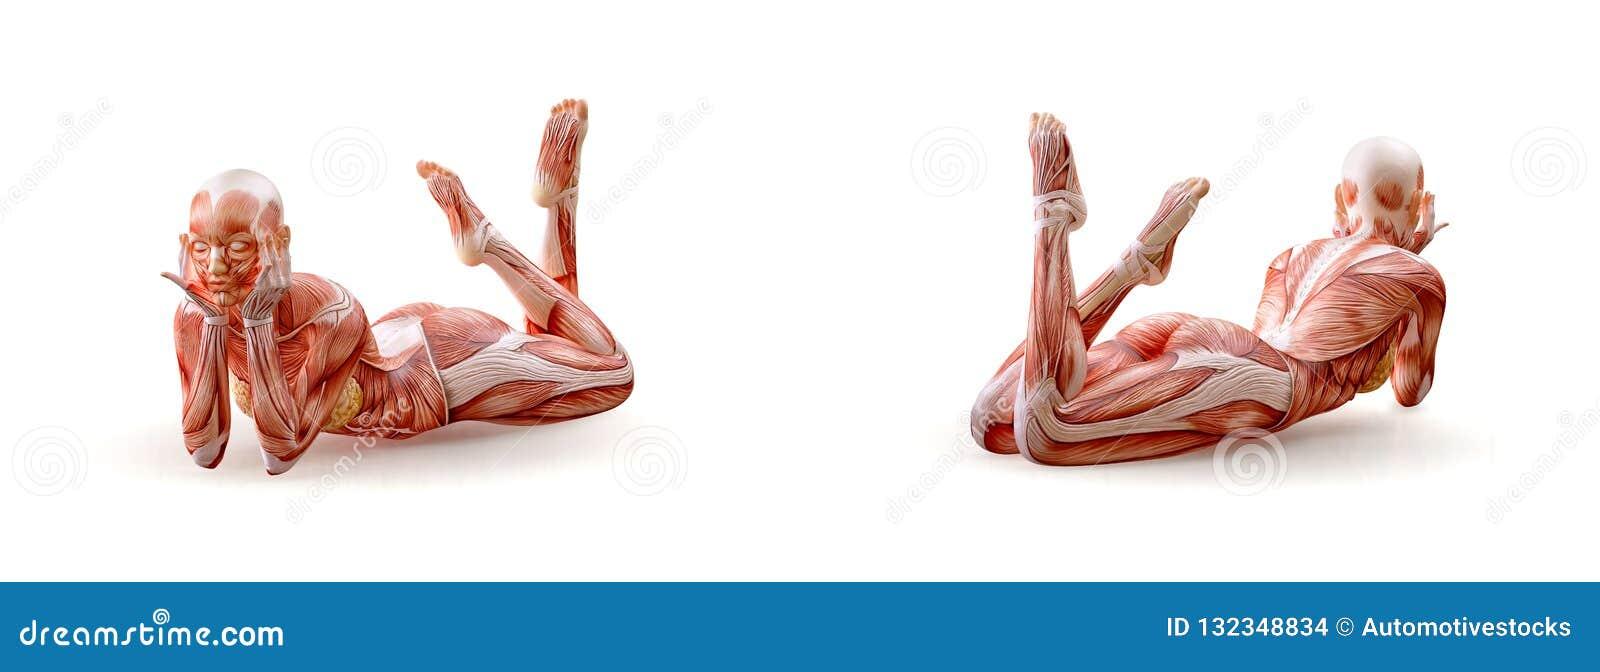 Muskelanatomie-Frauenfigurtraining, lokalisiert Gesundheitswesen-, Eignungs-, Tanzen-, Diät- und Sportkonzept Abbildung 3D